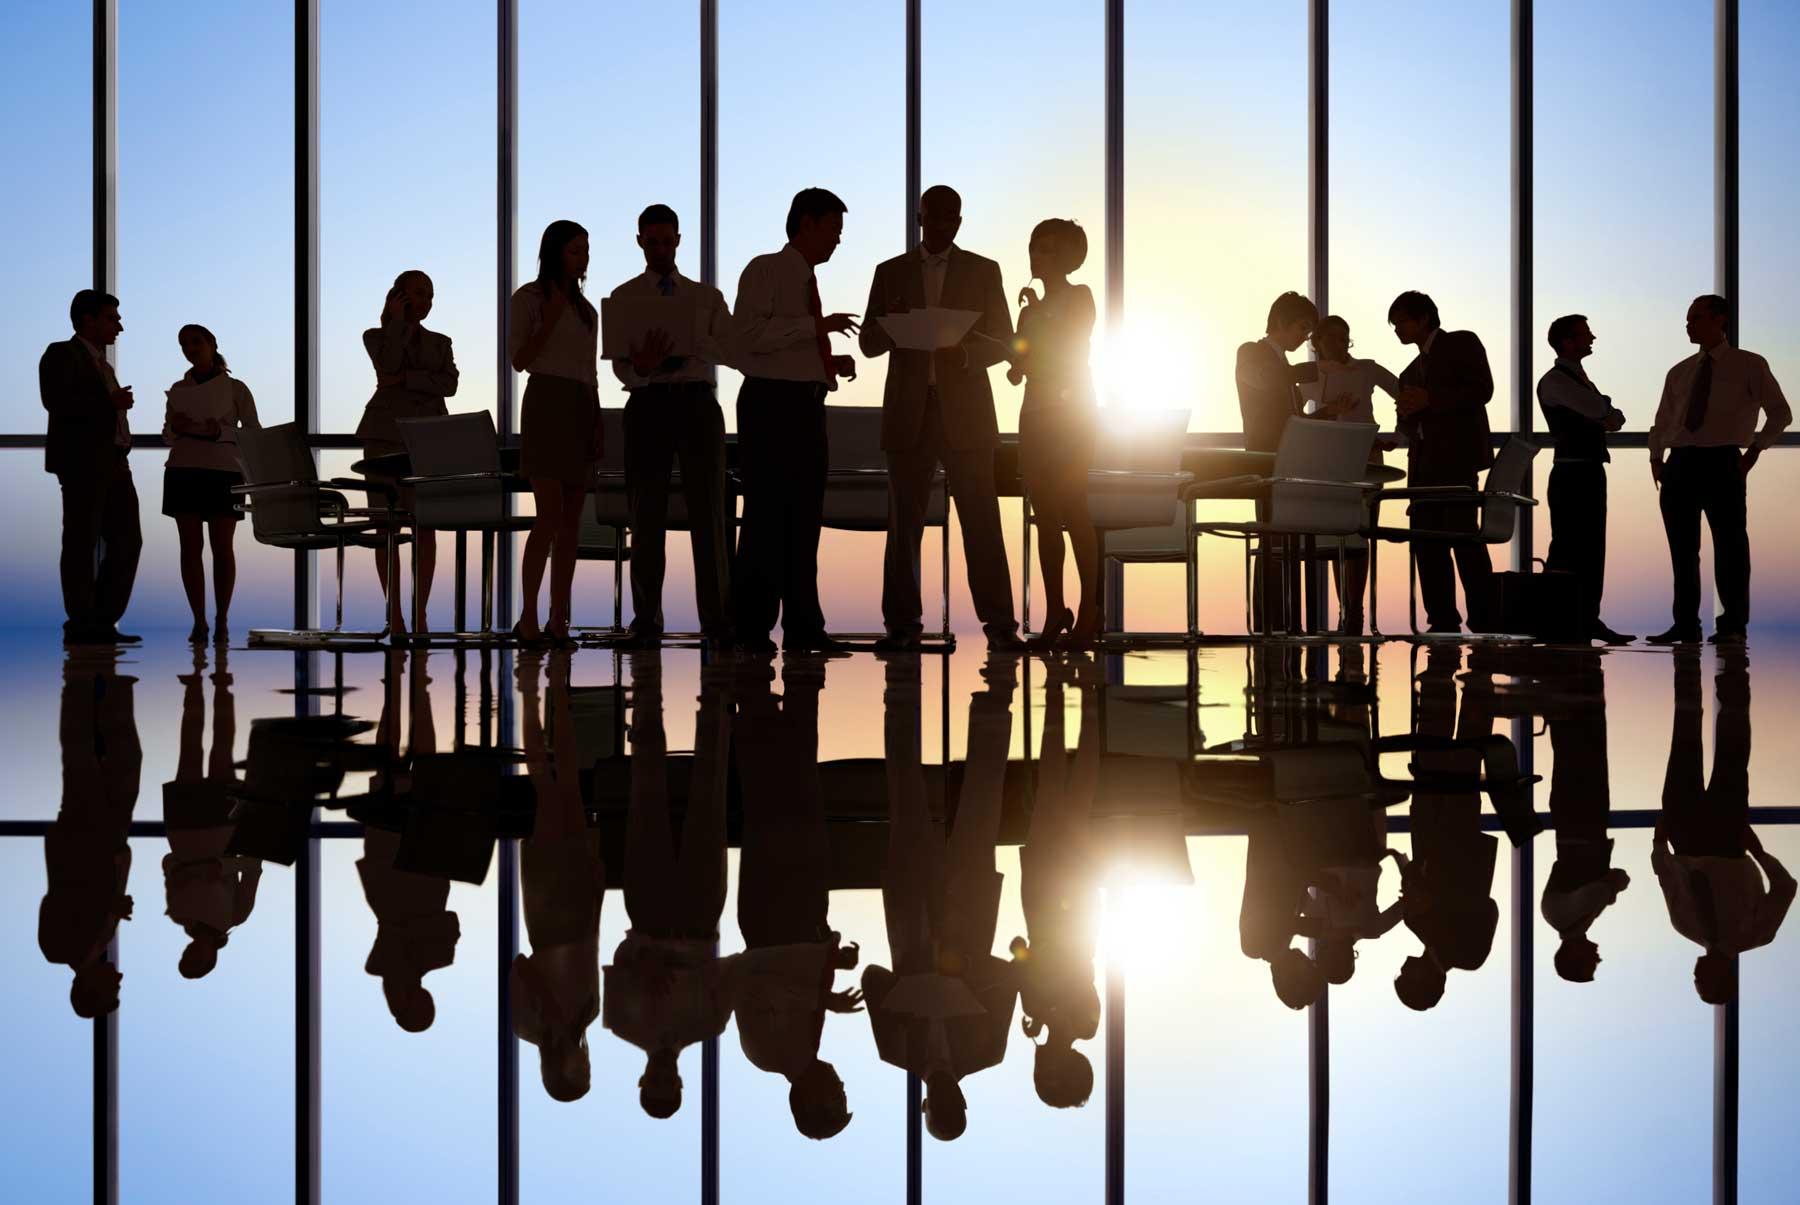 บริษัท ที่ปรึกษา FIDULINK ที่เชี่ยวชาญในการสร้างและบริหาร บริษัท บนบกนอกชายฝั่งทางออนไลน์